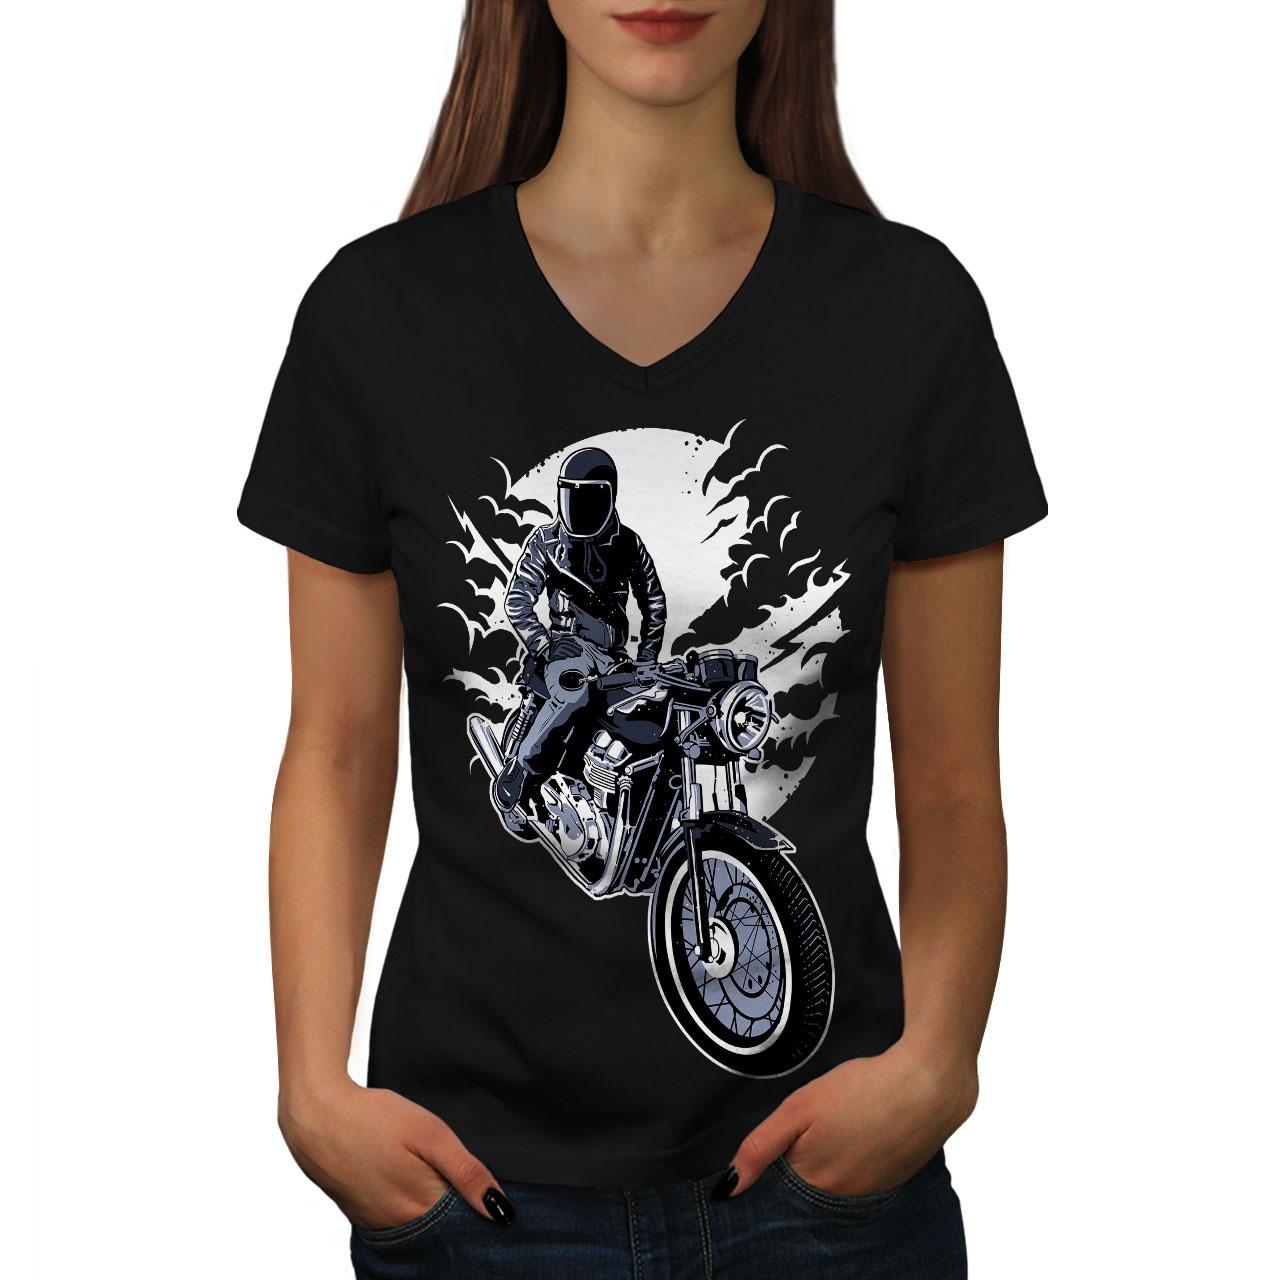 Le Meilleur Wellcoda Vélo Moto Nuit Motard Femme T-shirt Col V, Conception Graphique Tee-afficher Le Titre D'origine Excellente Qualité